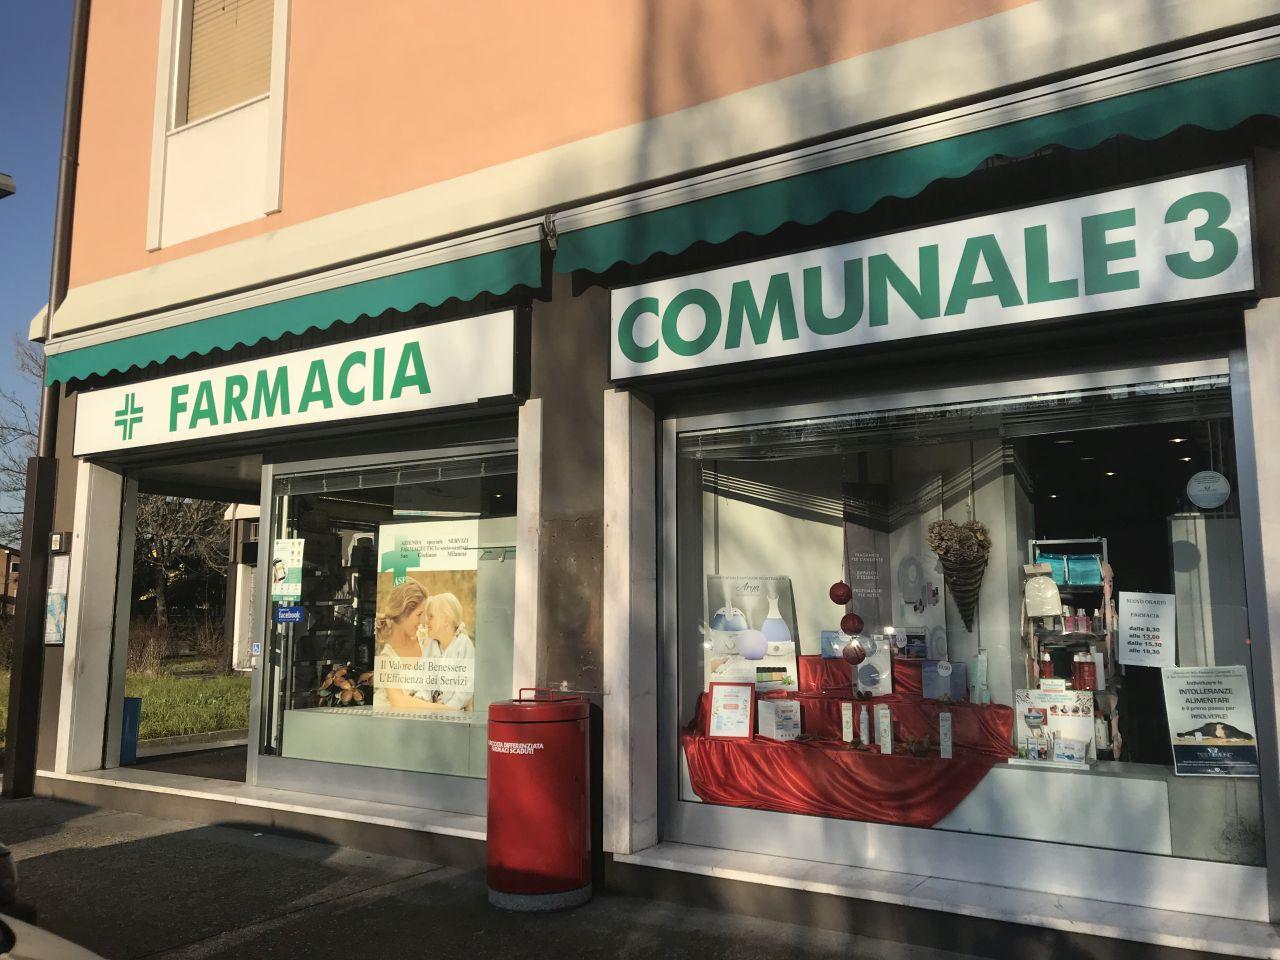 04218 FarmaciaComunale3